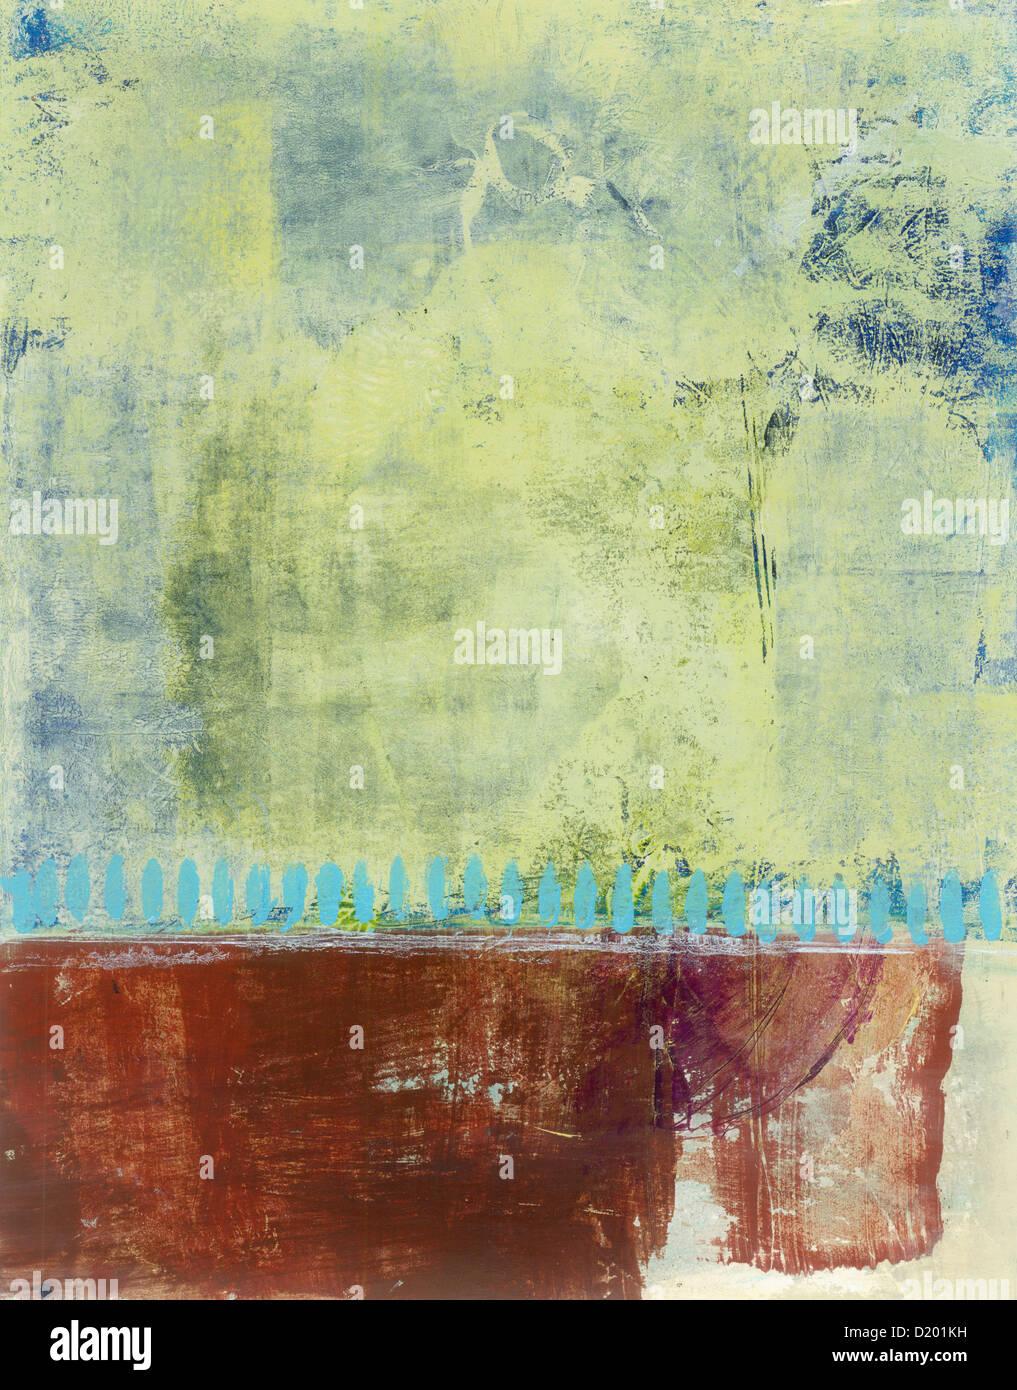 La peinture abstraite avec l'espace pour la conception et la copie. Photo Stock